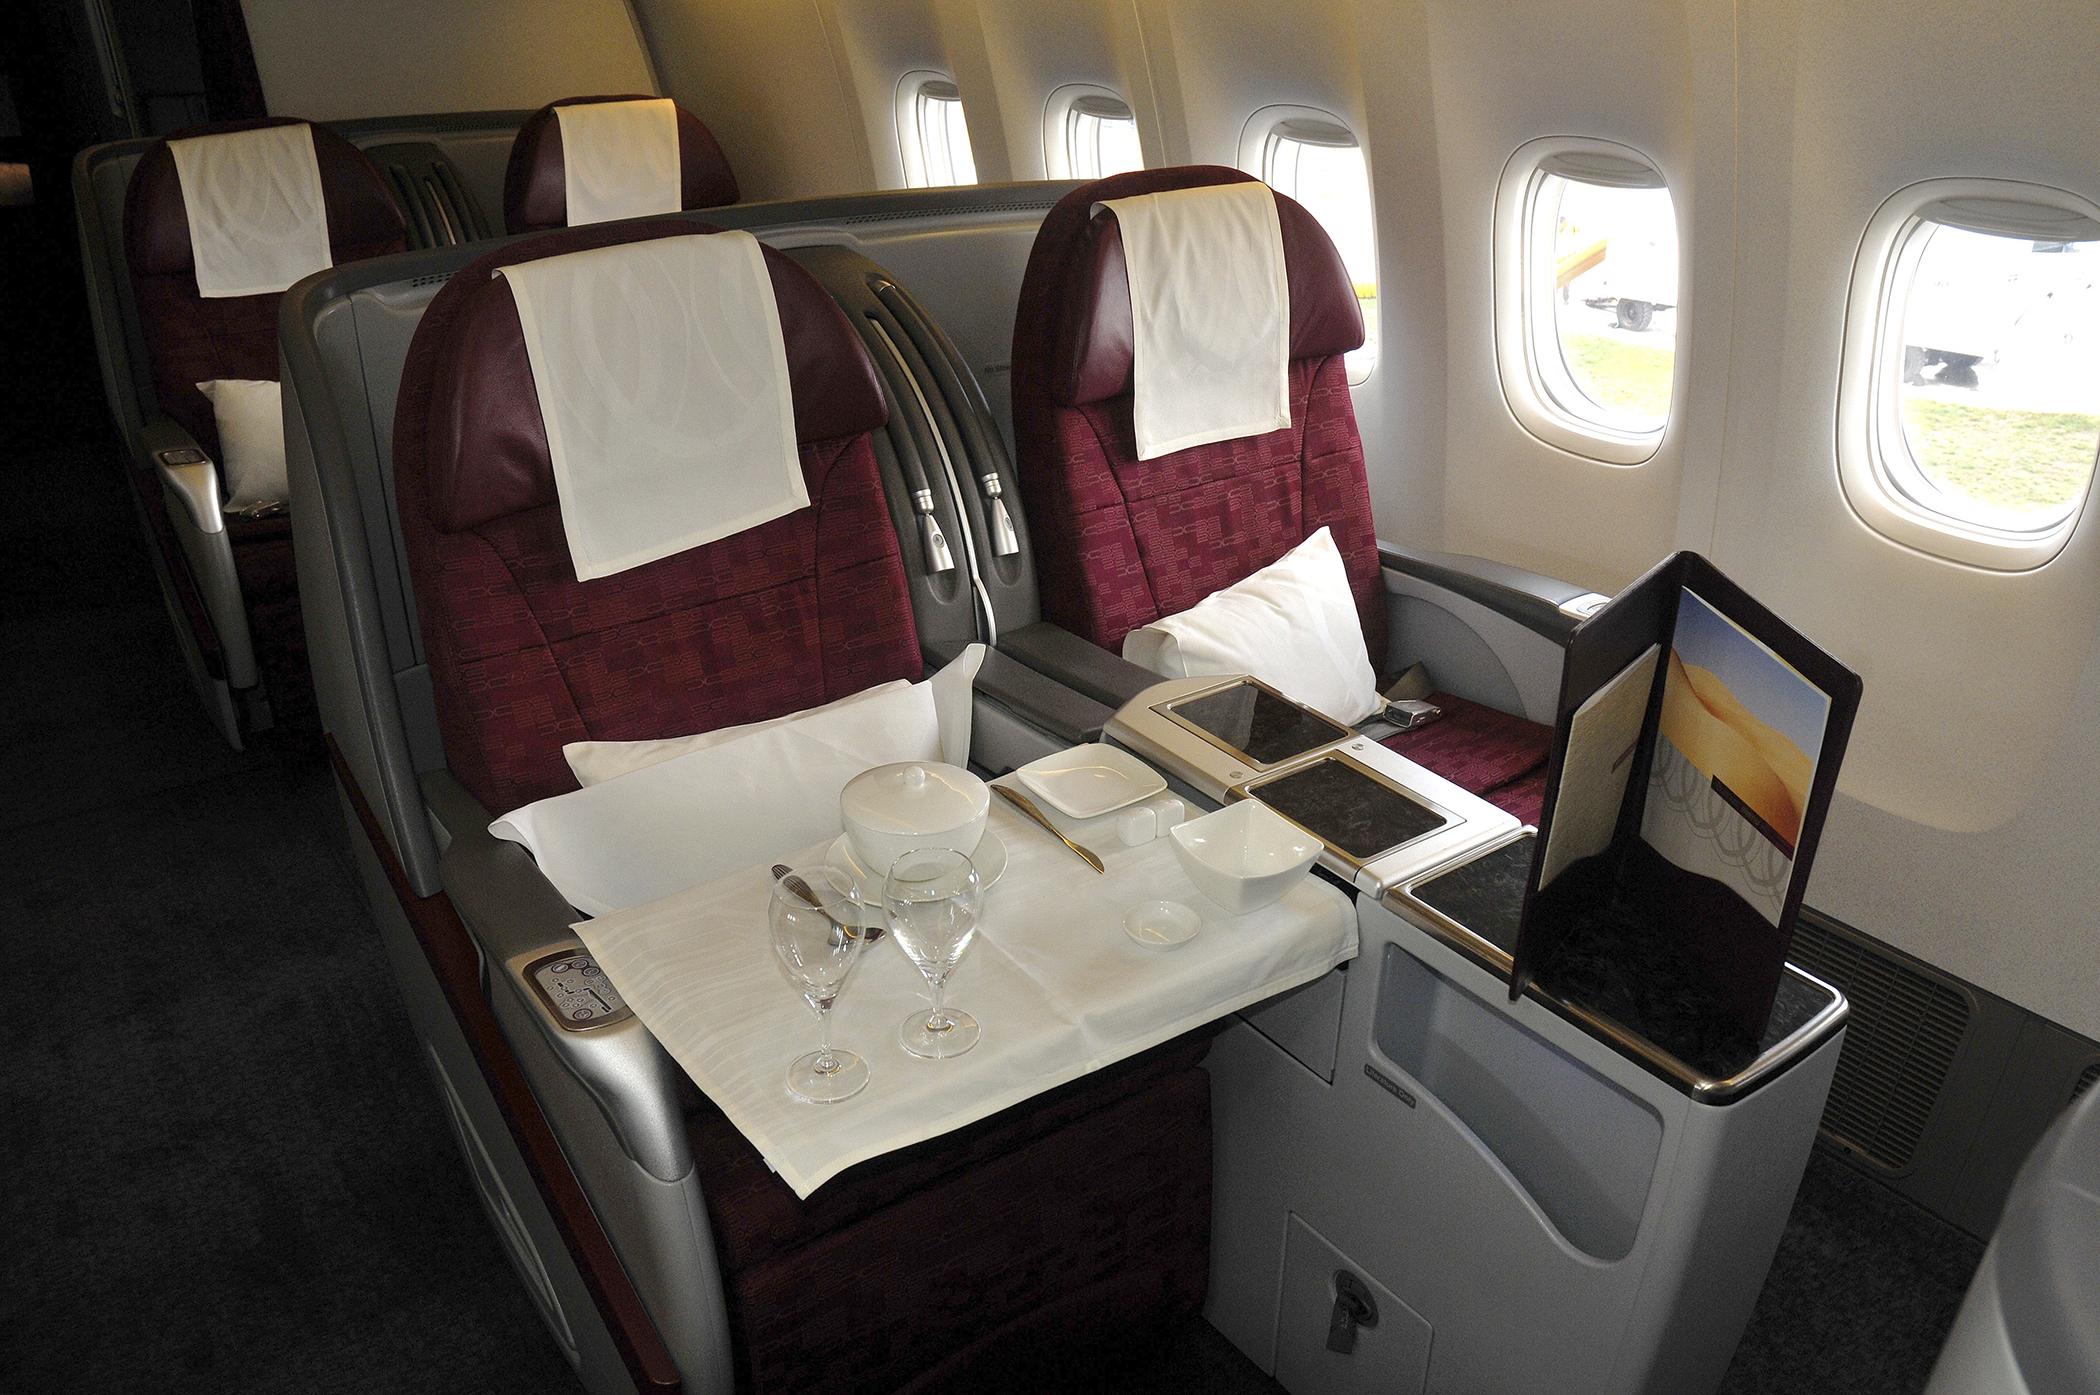 Air Rage Rises When Coach Passengers Walk Thru First Class Money